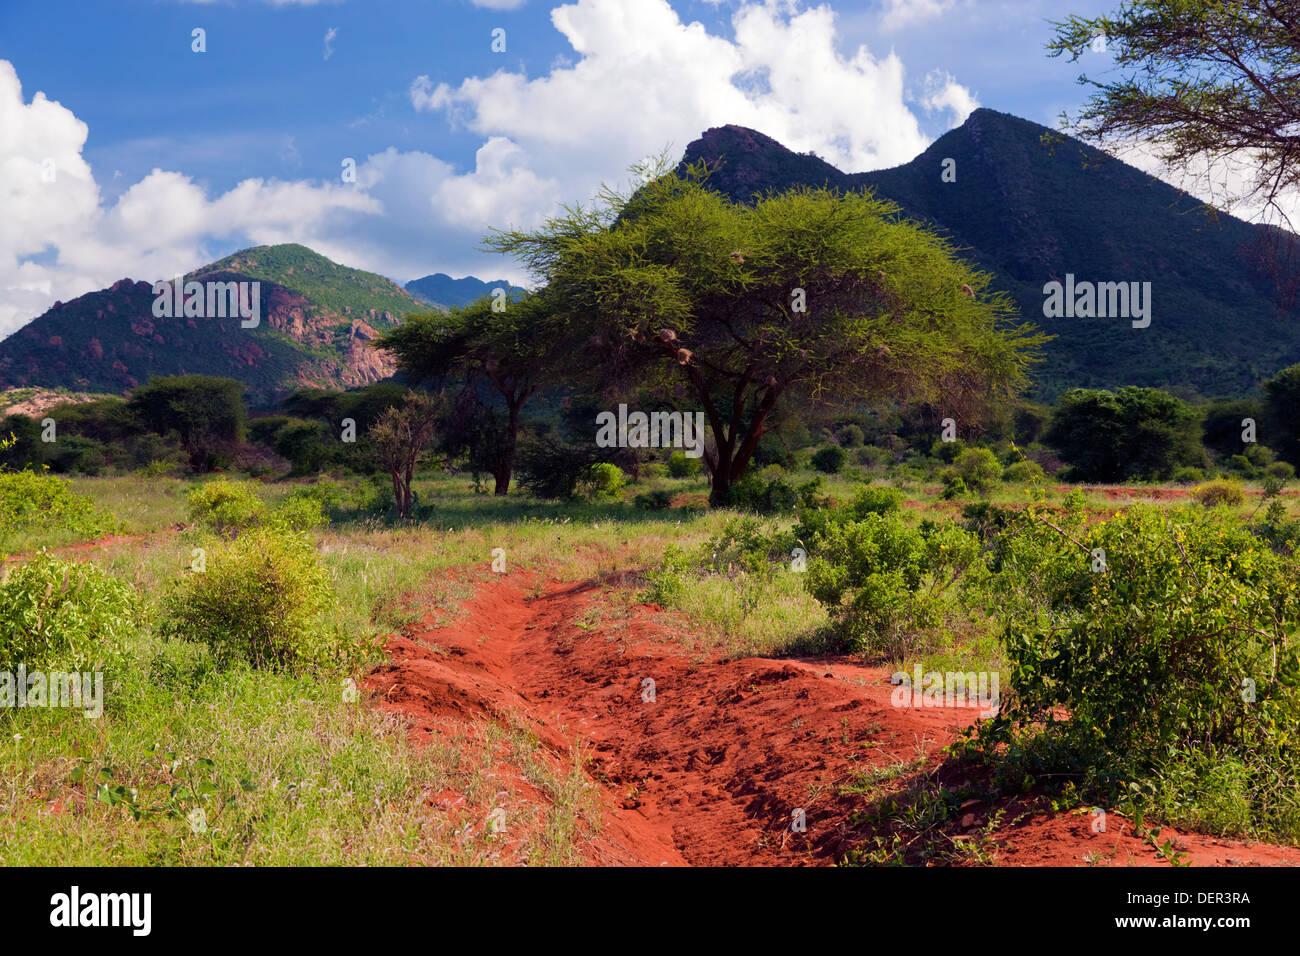 Camino de tierra en el Parque Nacional de Tsavo West, Kenya, Africa. Imagen De Stock